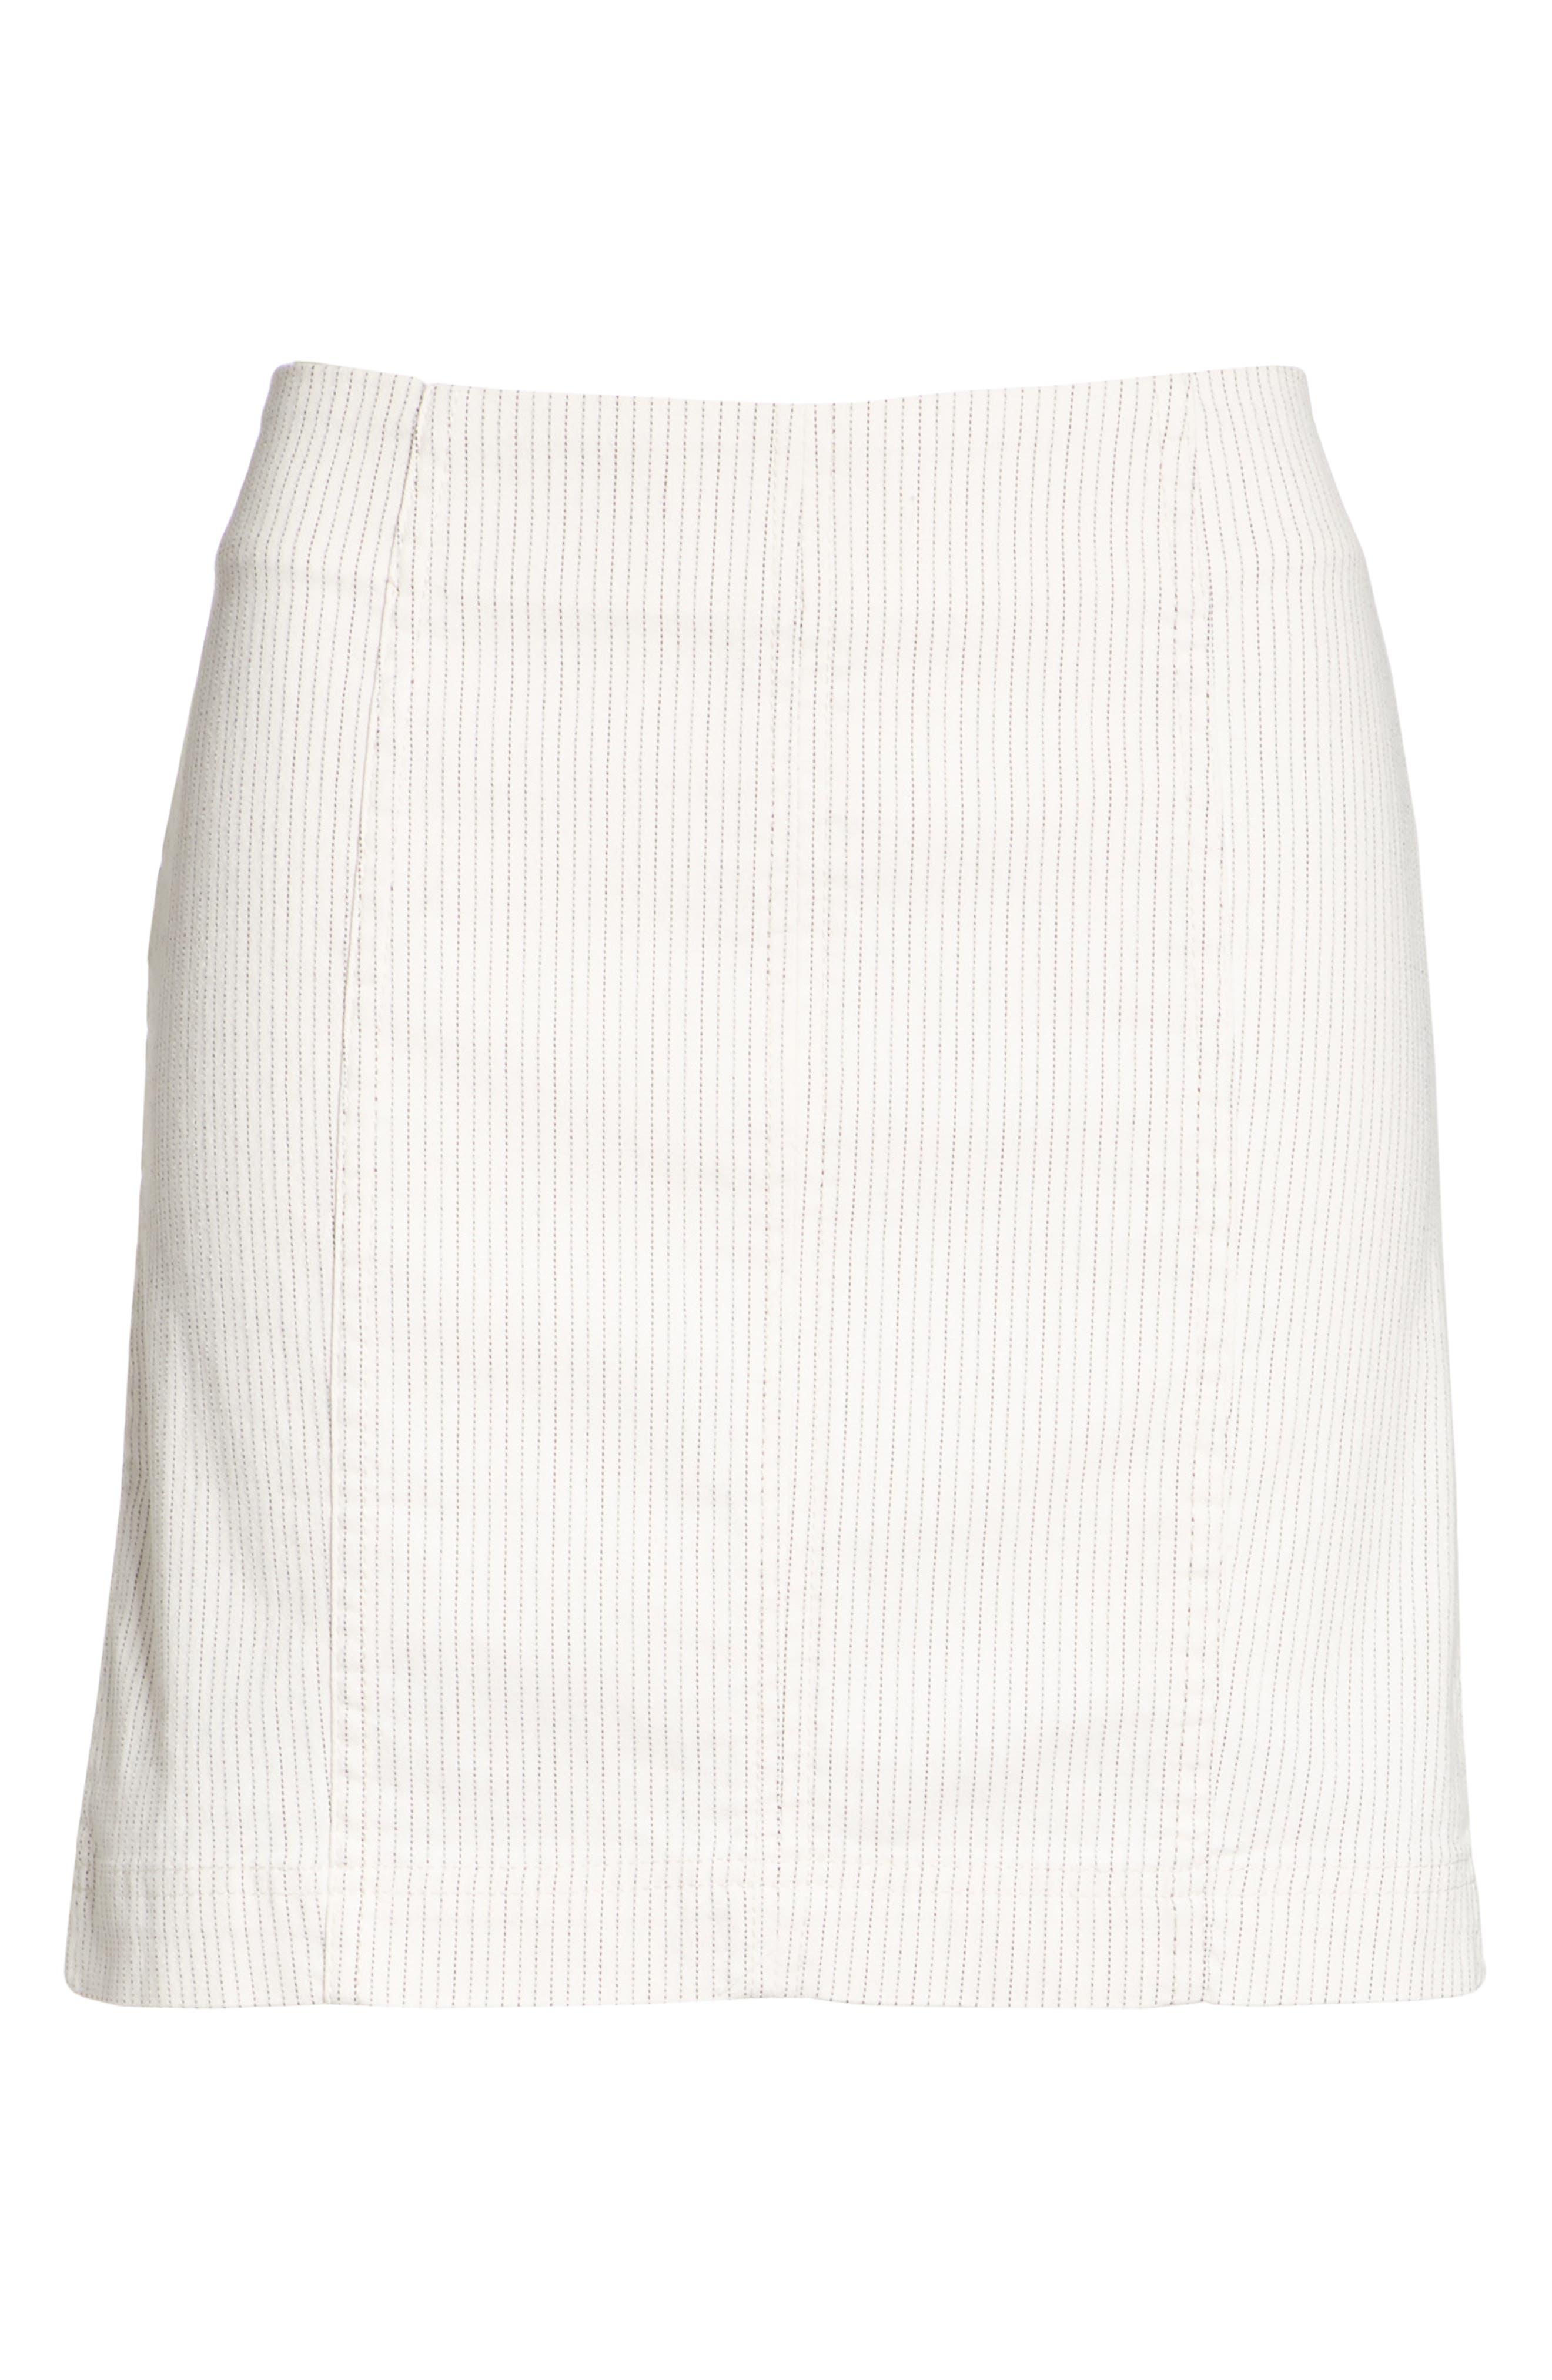 Modern Femme Pinstripe Skirt,                             Alternate thumbnail 6, color,                             Black And White Combo